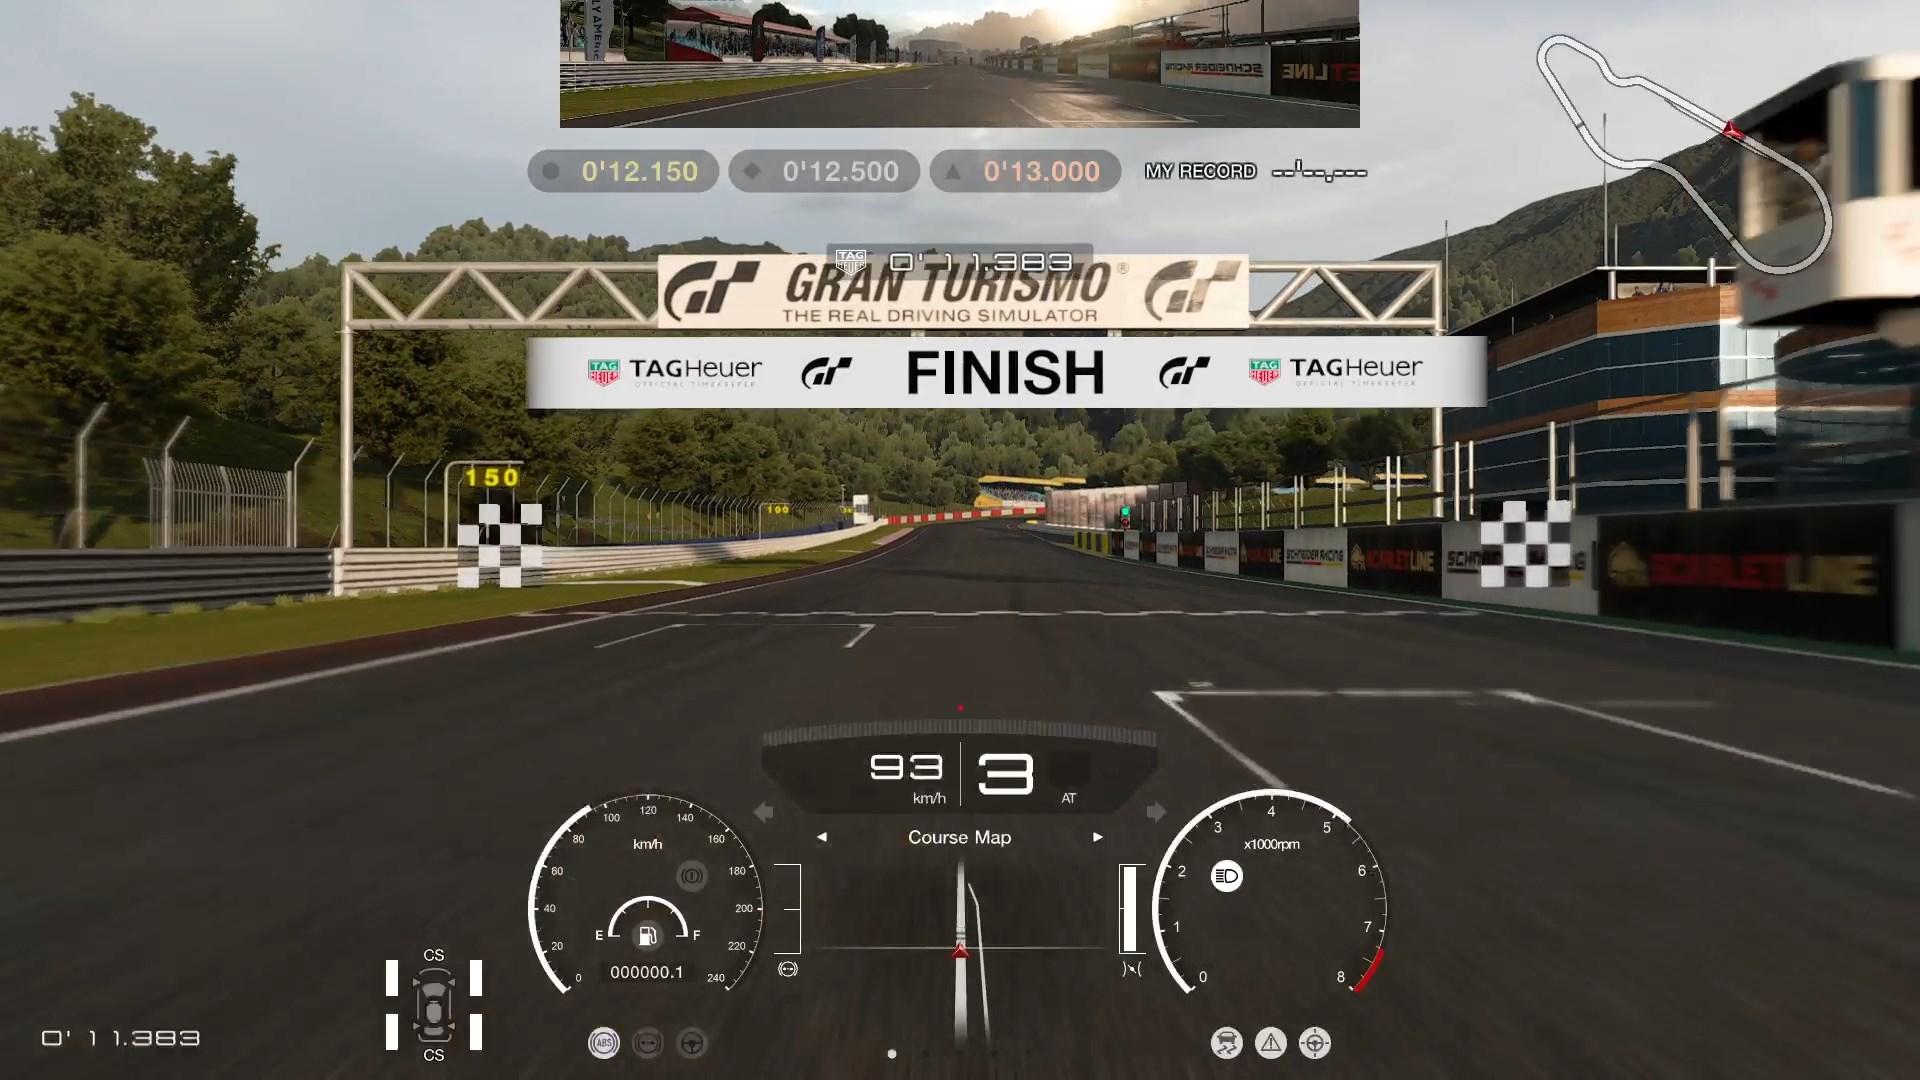 """「ドライビングスクール」最初の課題は、""""まっすぐ走る""""だけ。アクセルオンして10秒ちょっとで誰でもクリア。ここから徐々にドライビングの様々な要素へ発展していく"""